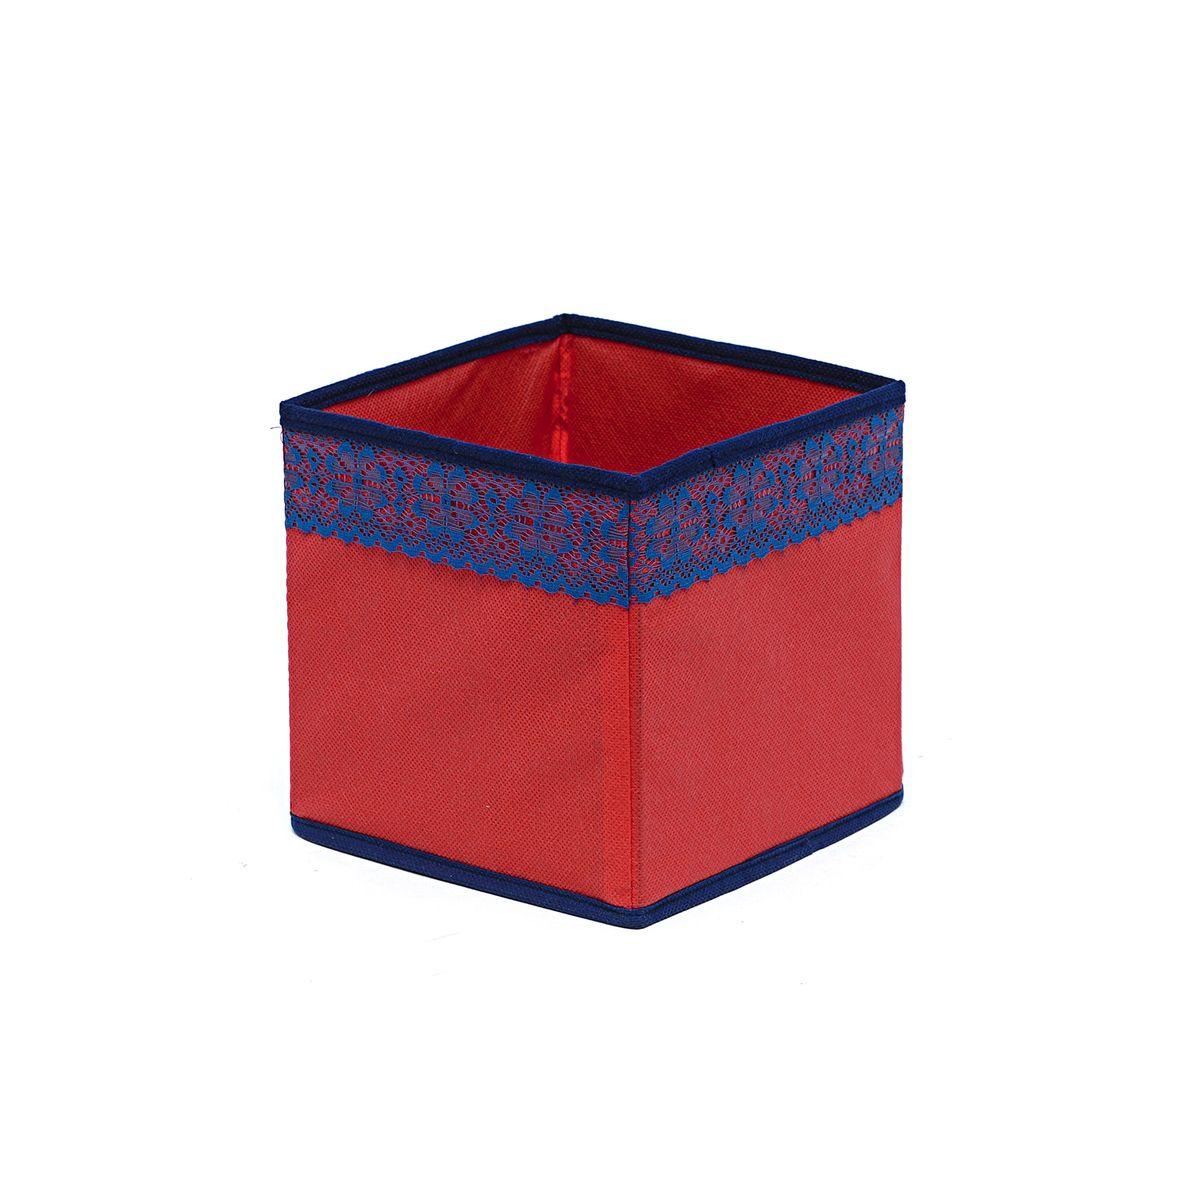 Кофр для хранения Homsu Rosso, 17 х 17 х 17 смHOM-327Кофр для хранения Homsu Rosso изготовлен из высококачественного нетканого полотна и декорирован красочным изображением. Кофр имеет одно большое отделение, где вы можете хранить различные бытовые вещи, нижнее белье, одежду и многое другое. Вставки из картона обеспечивают прочность конструкции. Стильный принт, модный цвет и качество исполнения сделают такой кофр незаменимым для хранения ваших вещей.